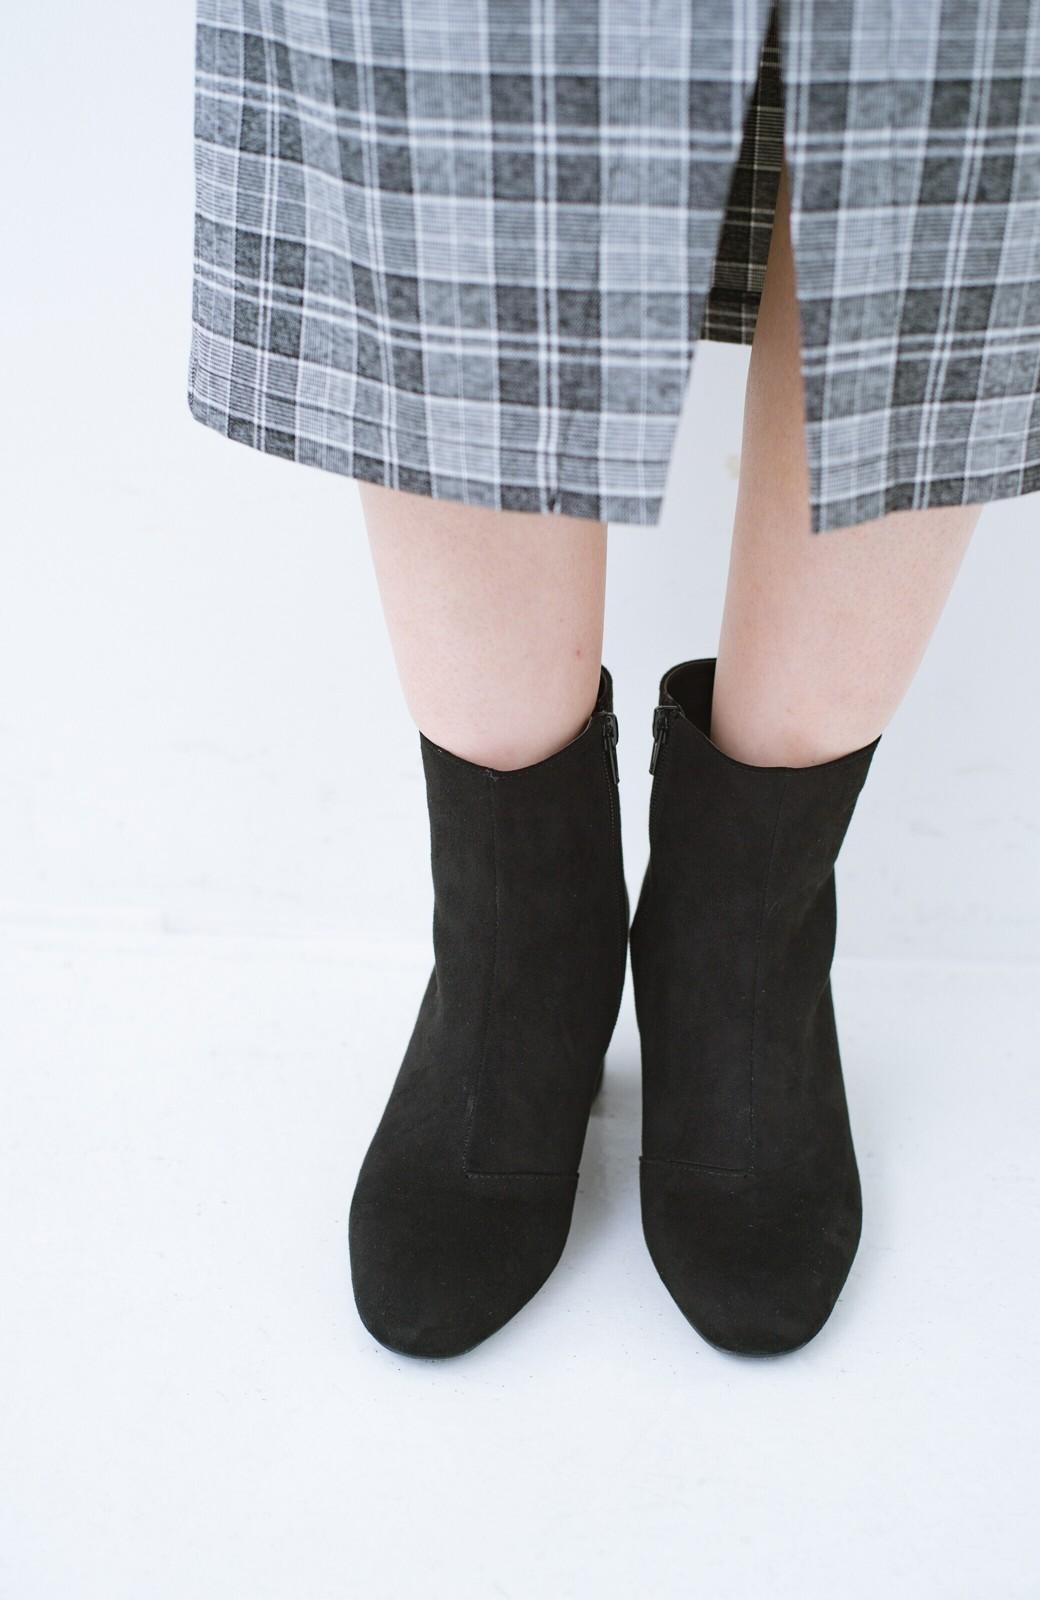 haco! パッと履いてスッときれいな女っぽブーツ <ブラック>の商品写真3